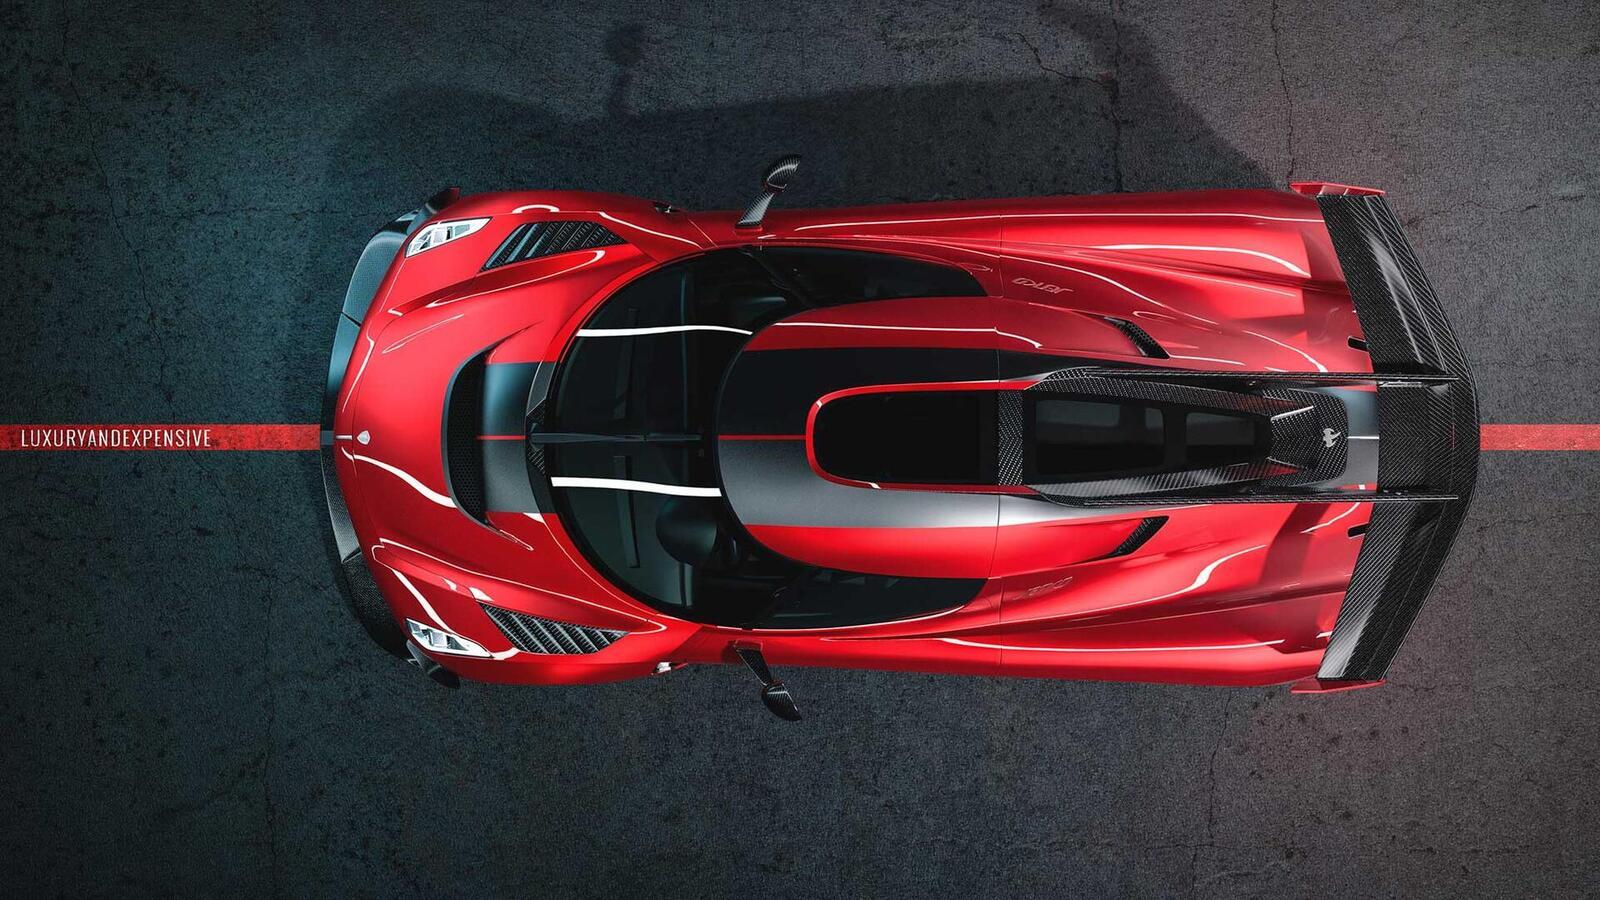 """Koenigsegg Jesko phiên bản """"Red Cherry Edition"""": Siêu phẩm mạnh 1.600 mã lực - Hình 1"""